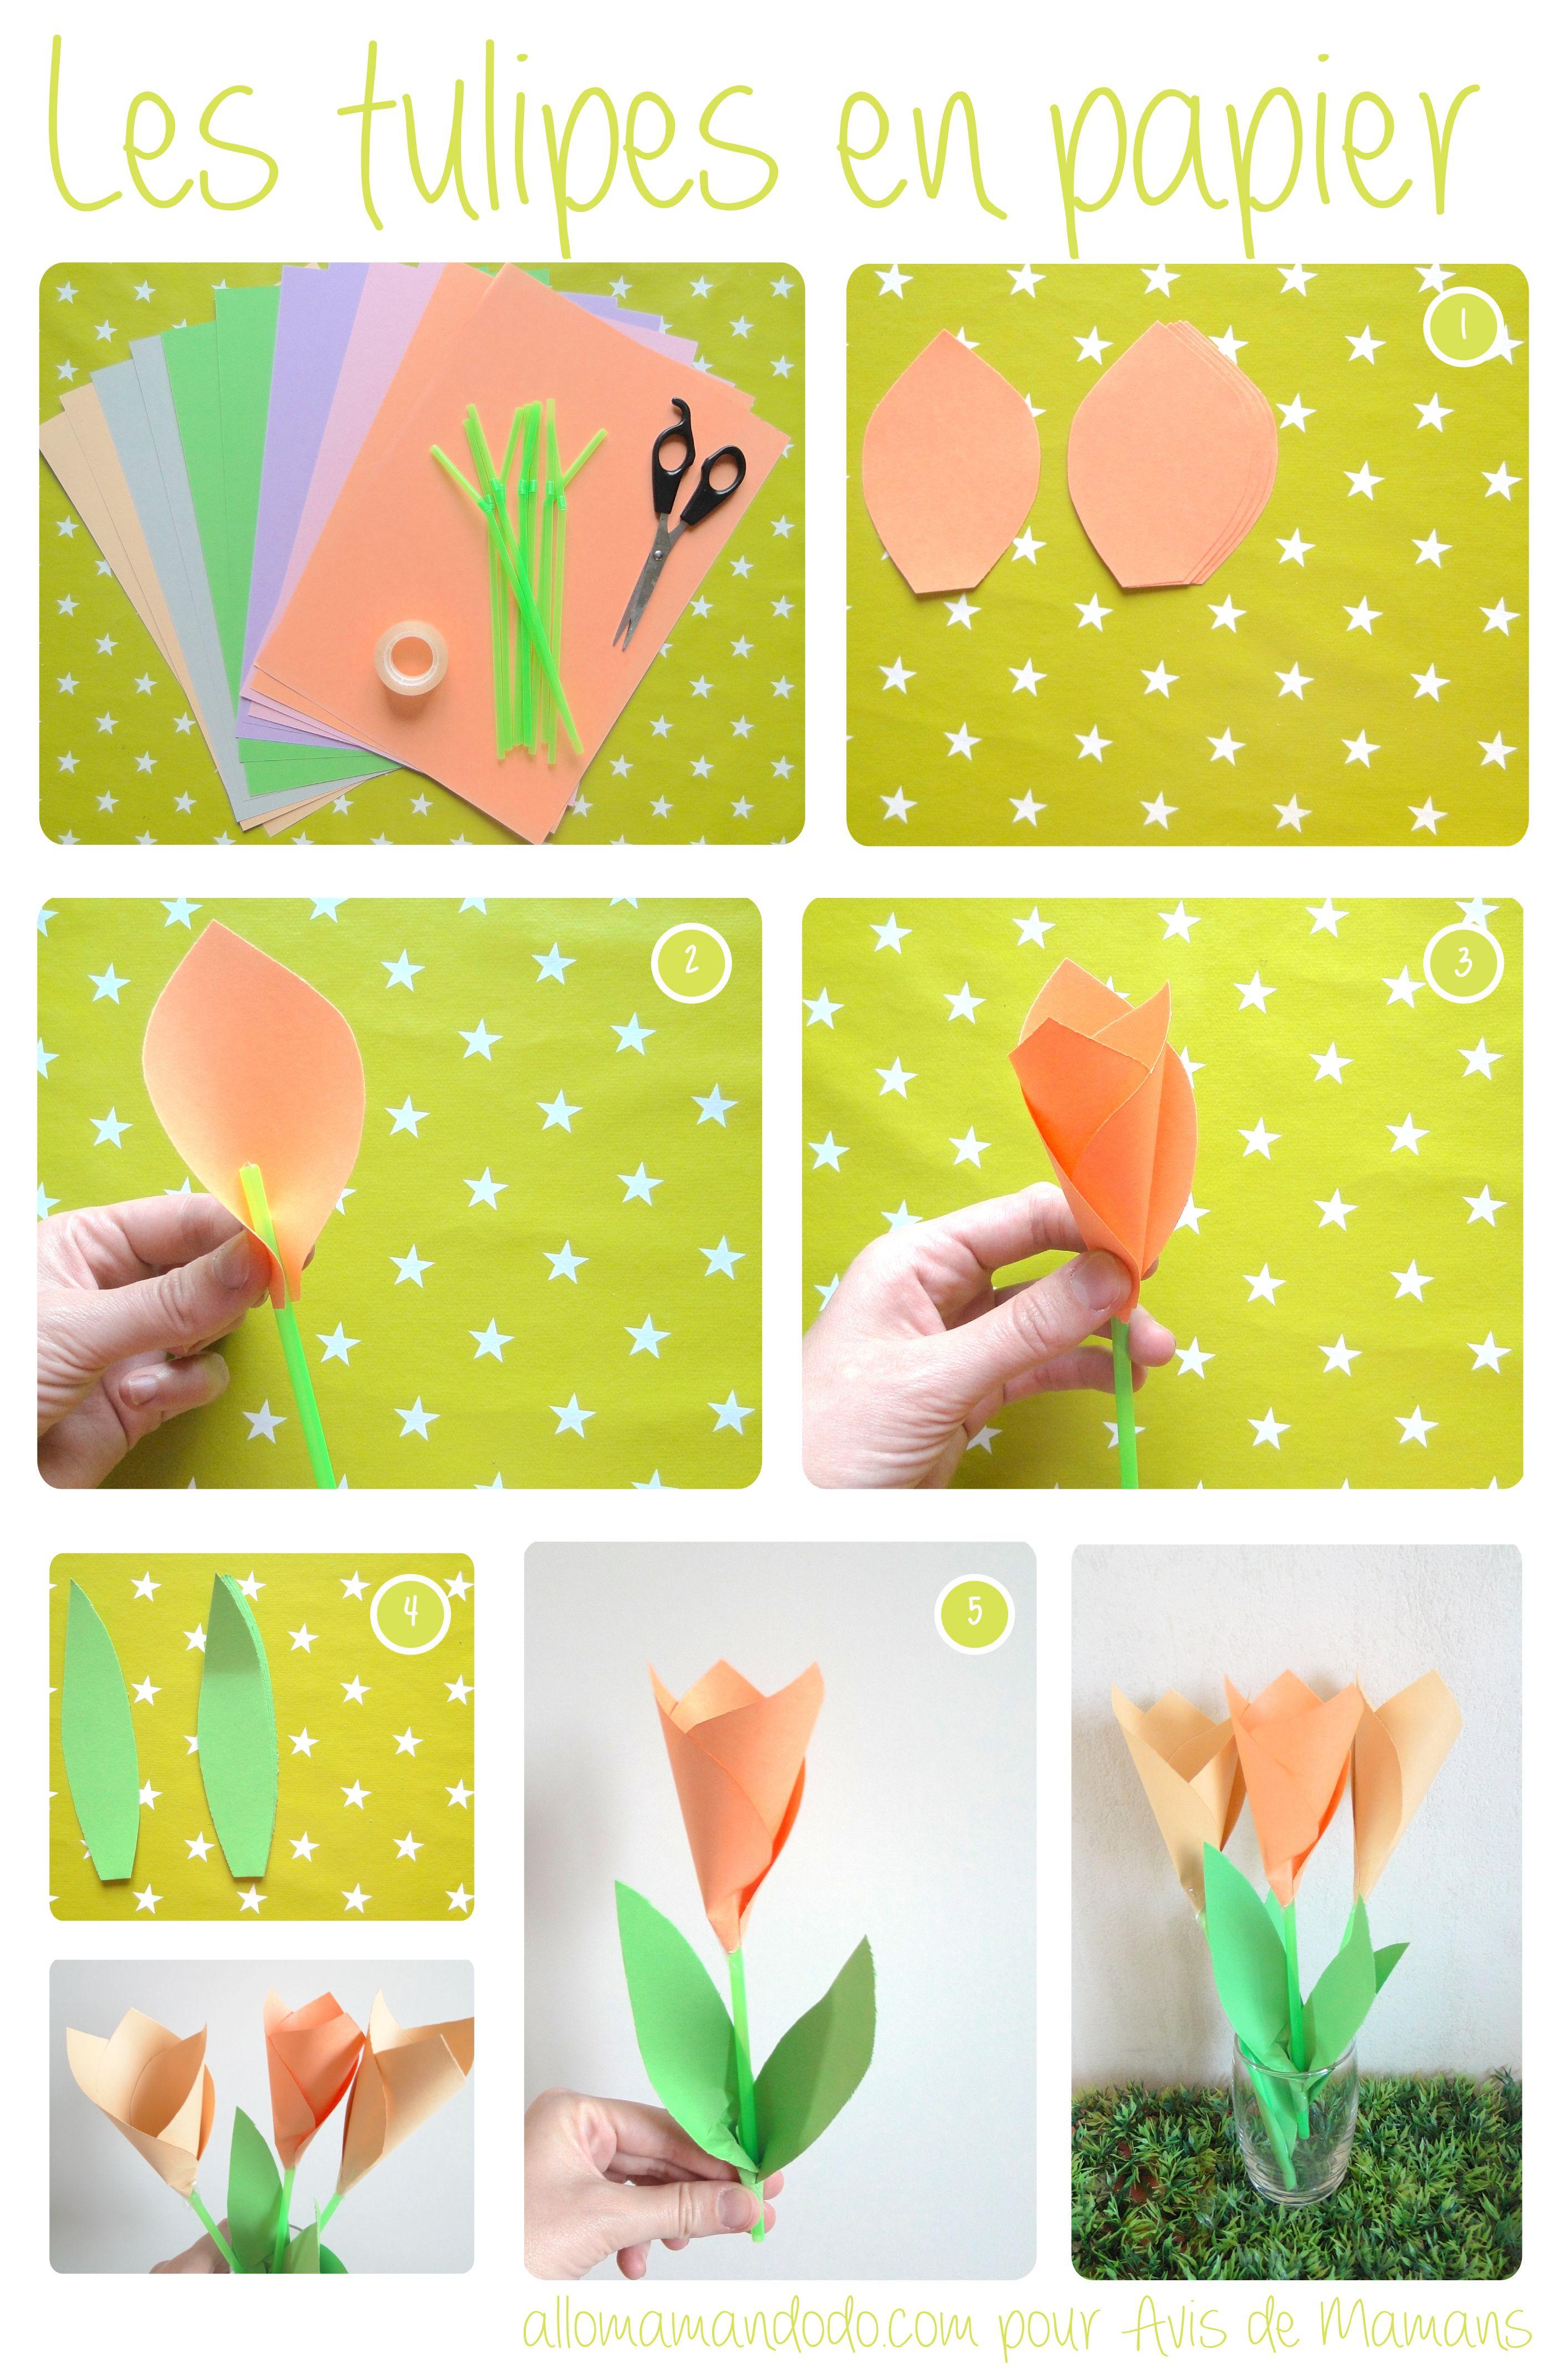 tulipes (img)